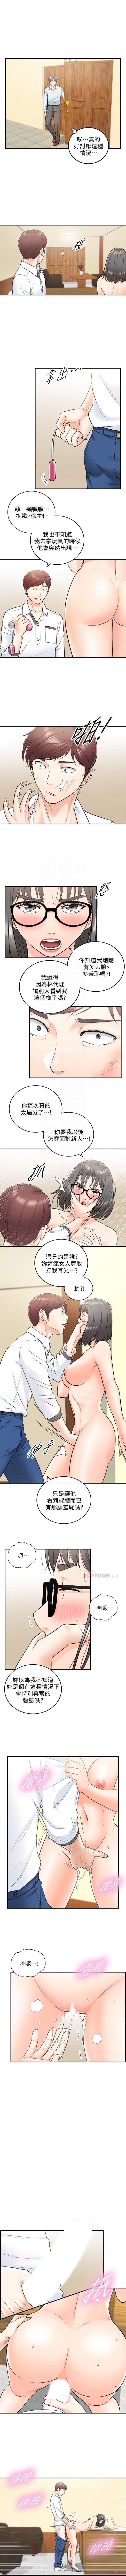 (周5)正妹小主管 1-26 中文翻译(更新中) 99